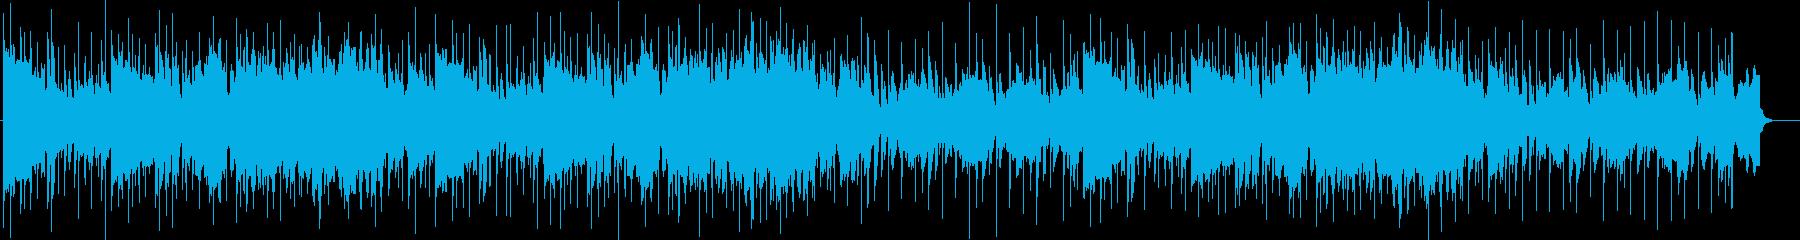 夏のオルガンソウル 70'sの再生済みの波形